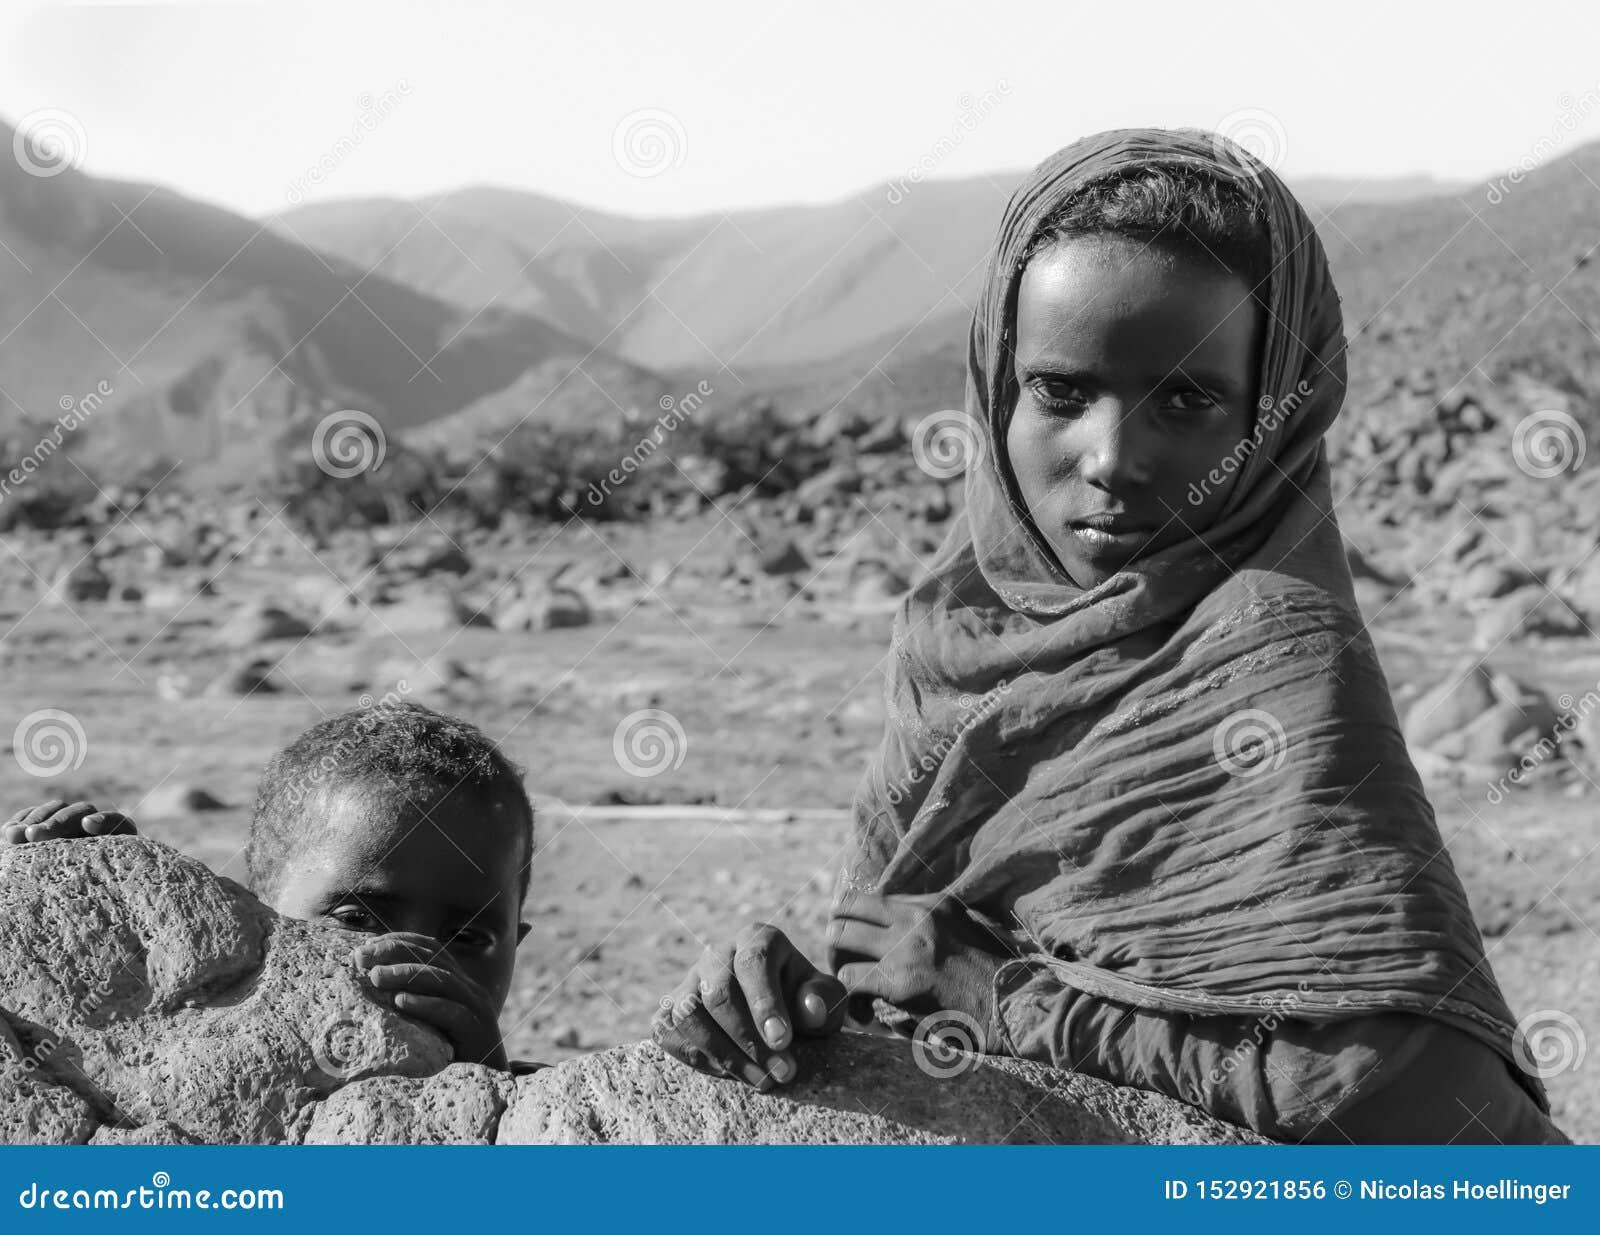 Die Kinder der Wüste